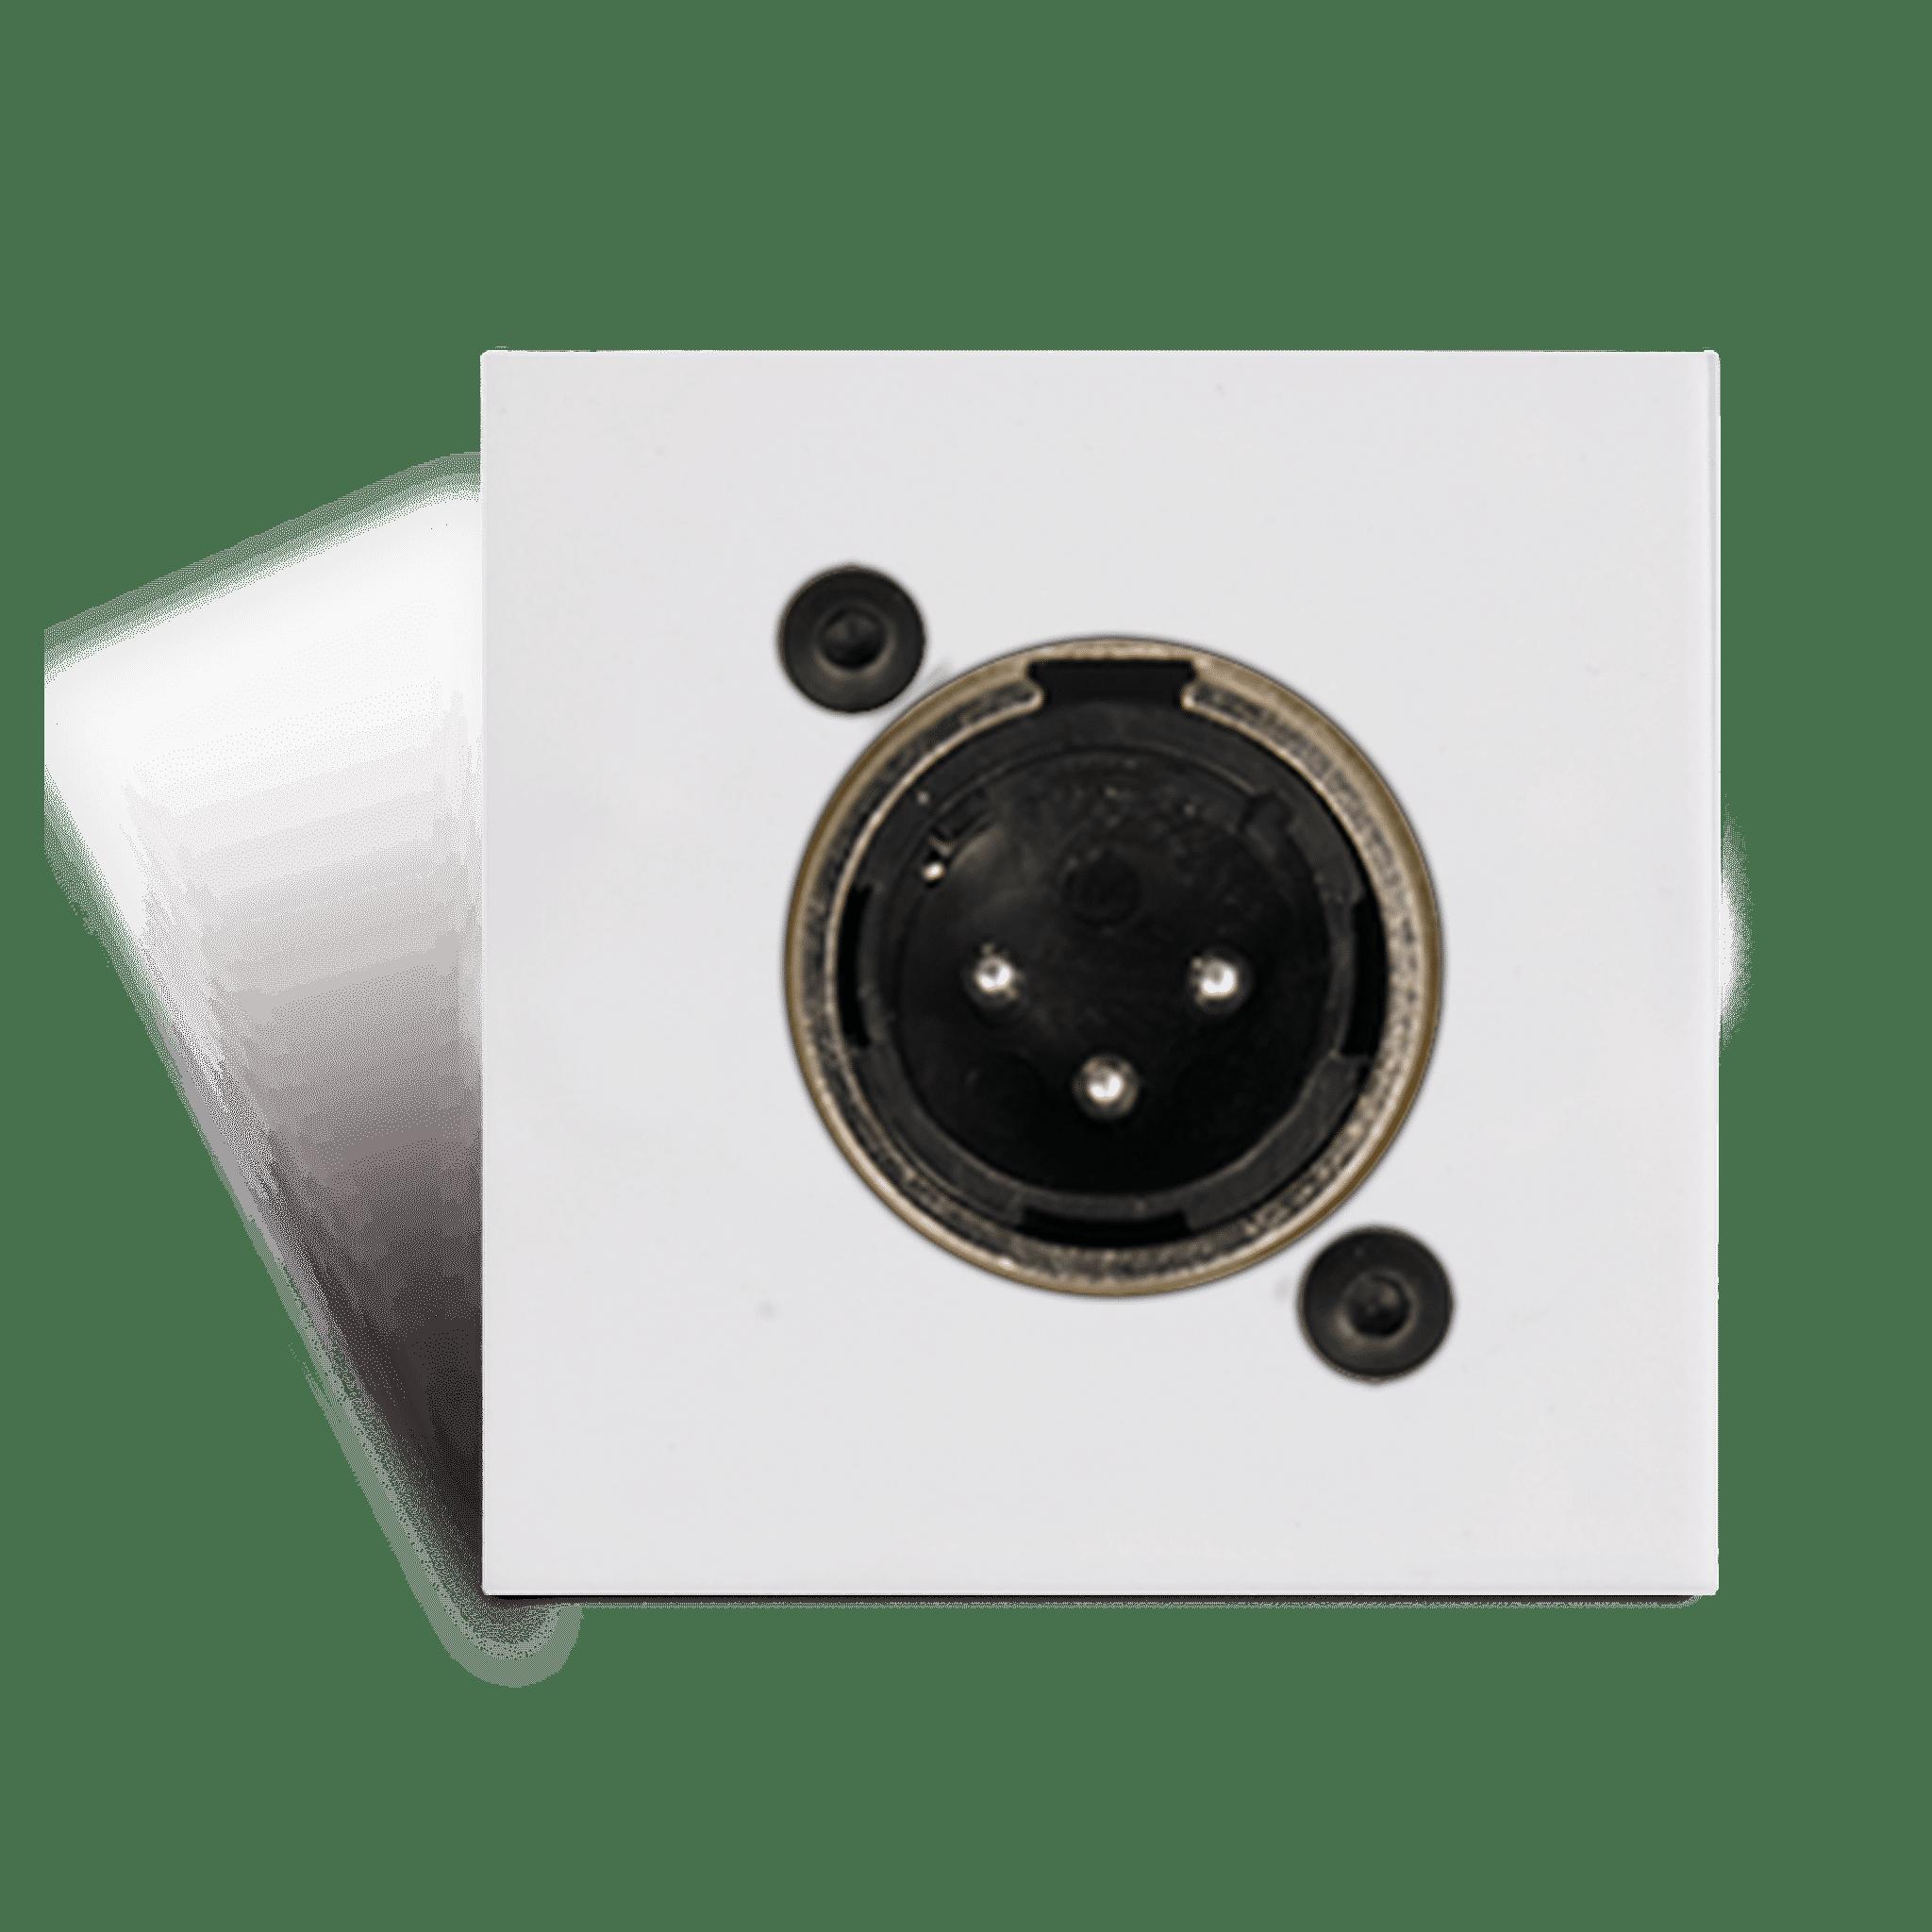 CP45XLM/W - White version